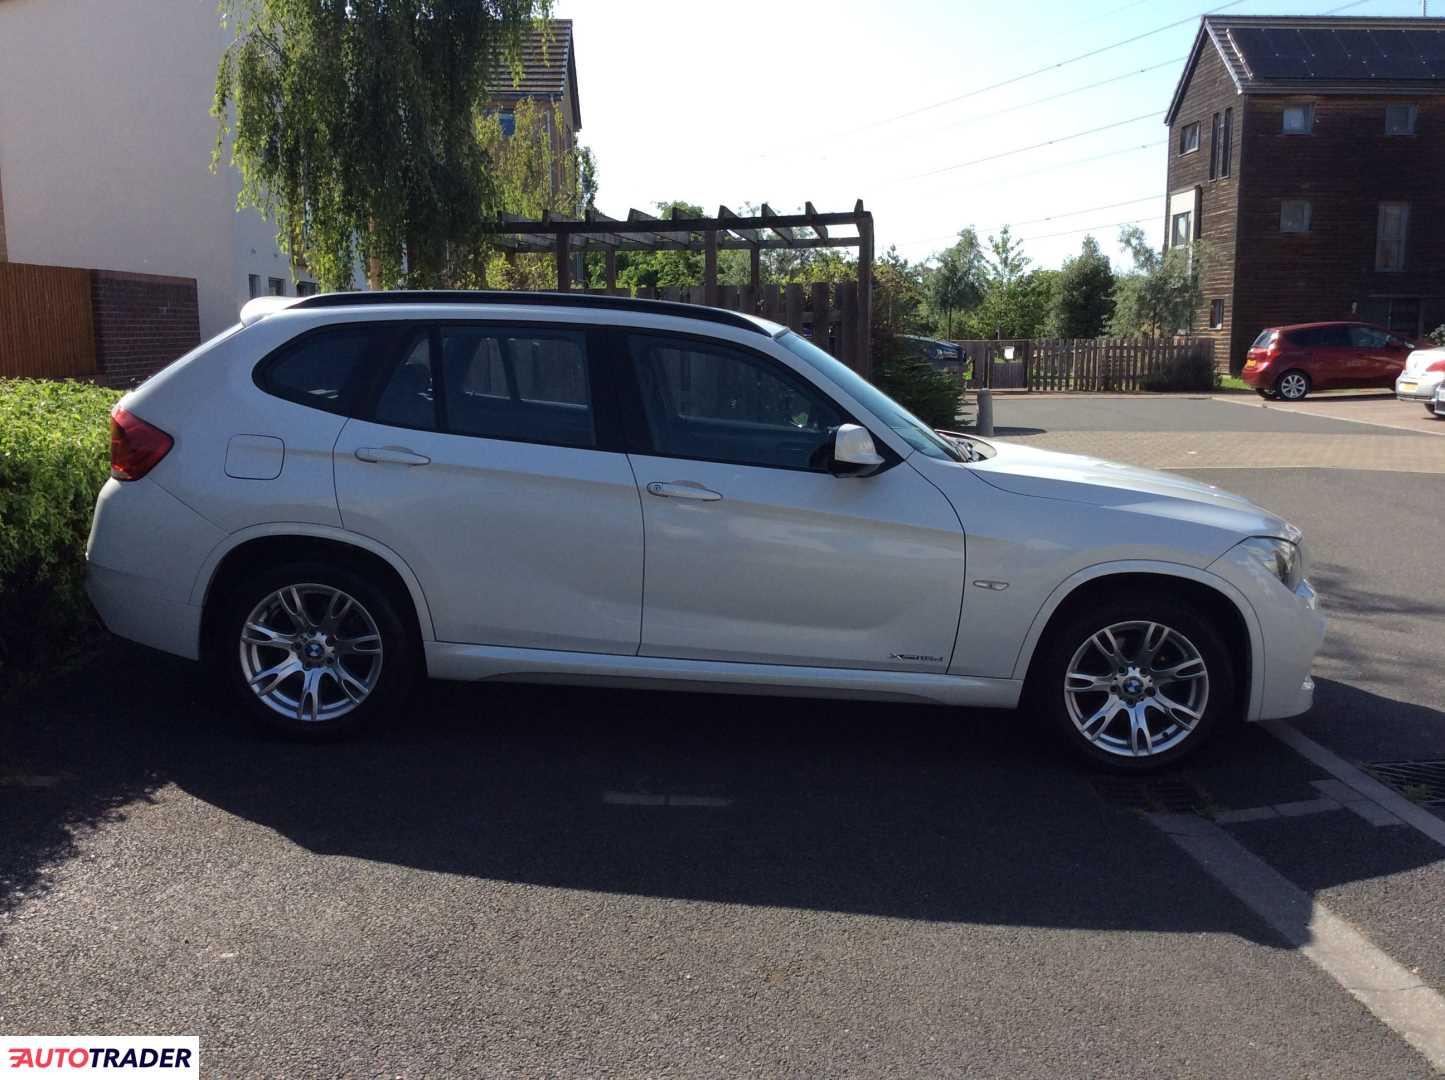 BMW X1 2012 2.0 140 KM